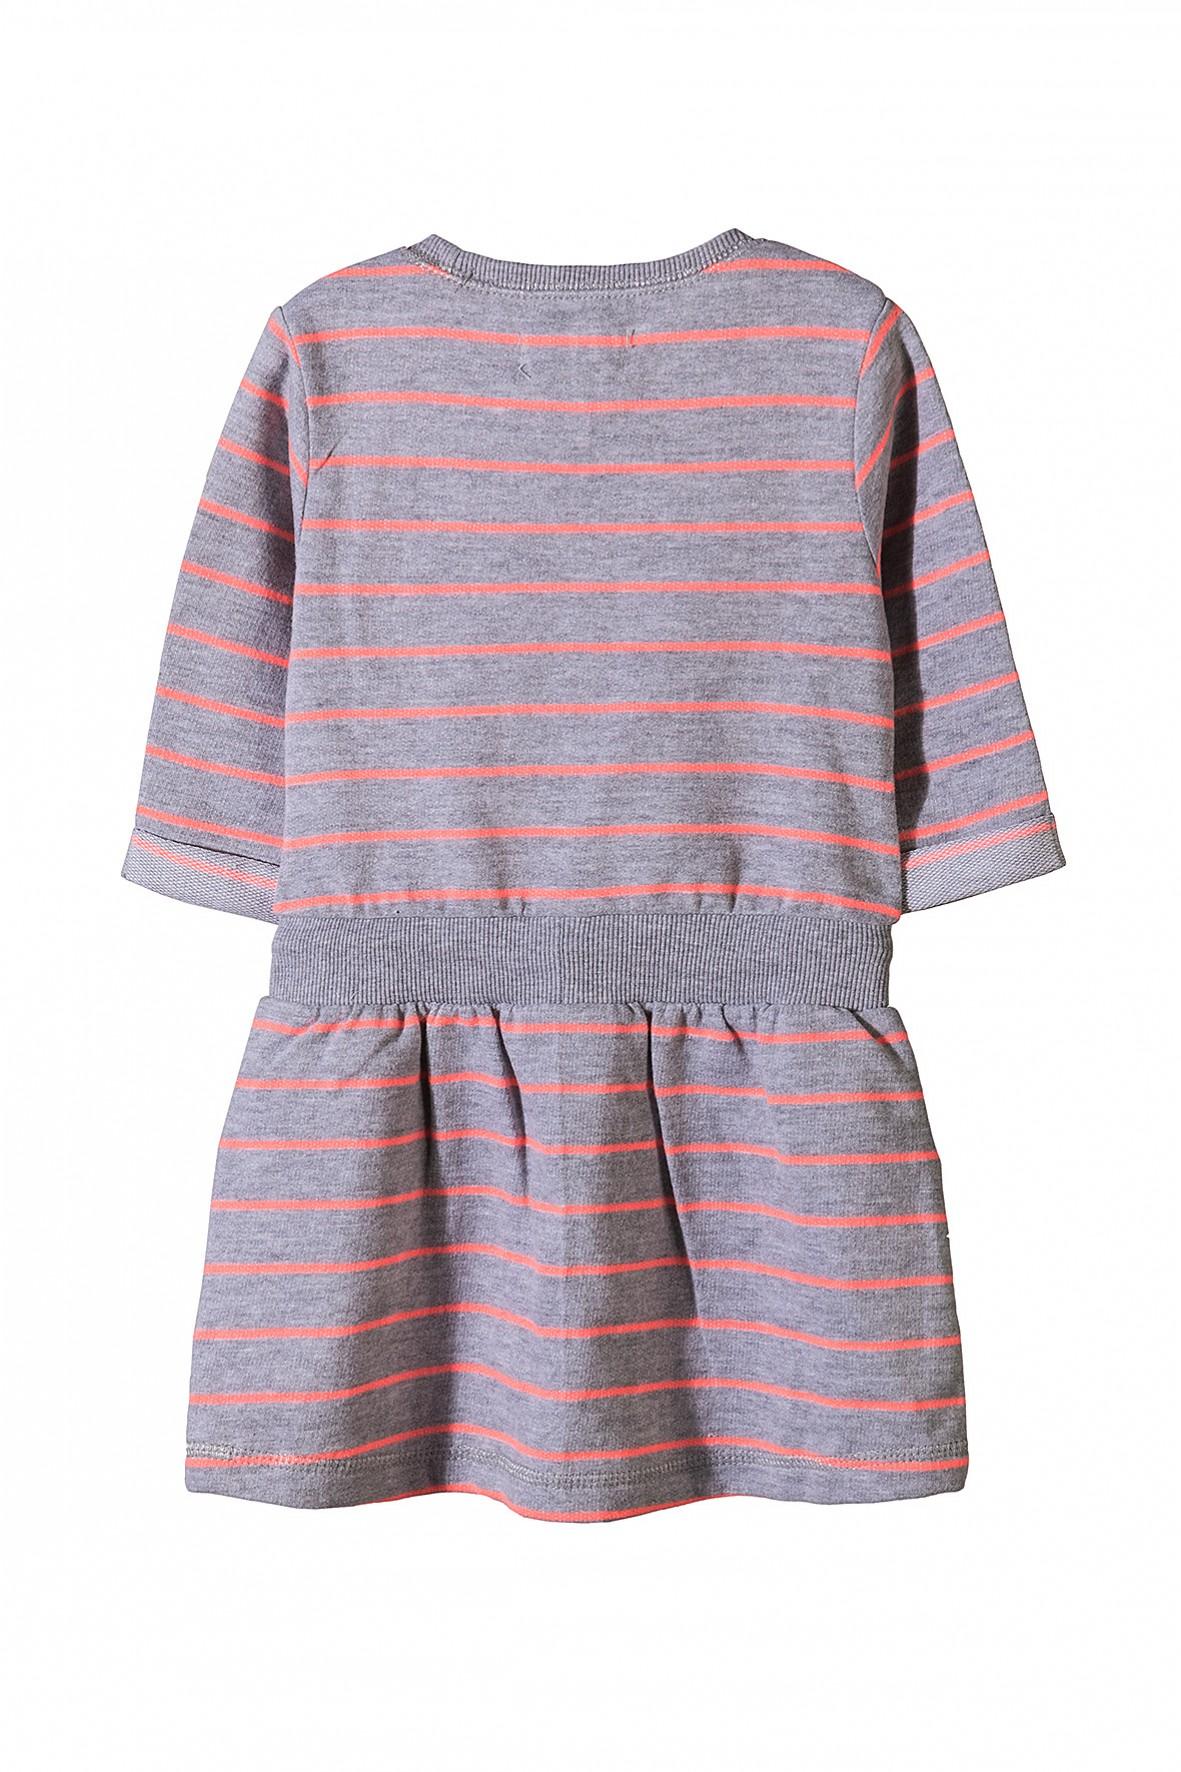 b33e8604f7 Sukienka dziewczęca dzianinowa  Sukienka dziewczęca dzianinowa  Sukienka  dziewczęca dzianinowa